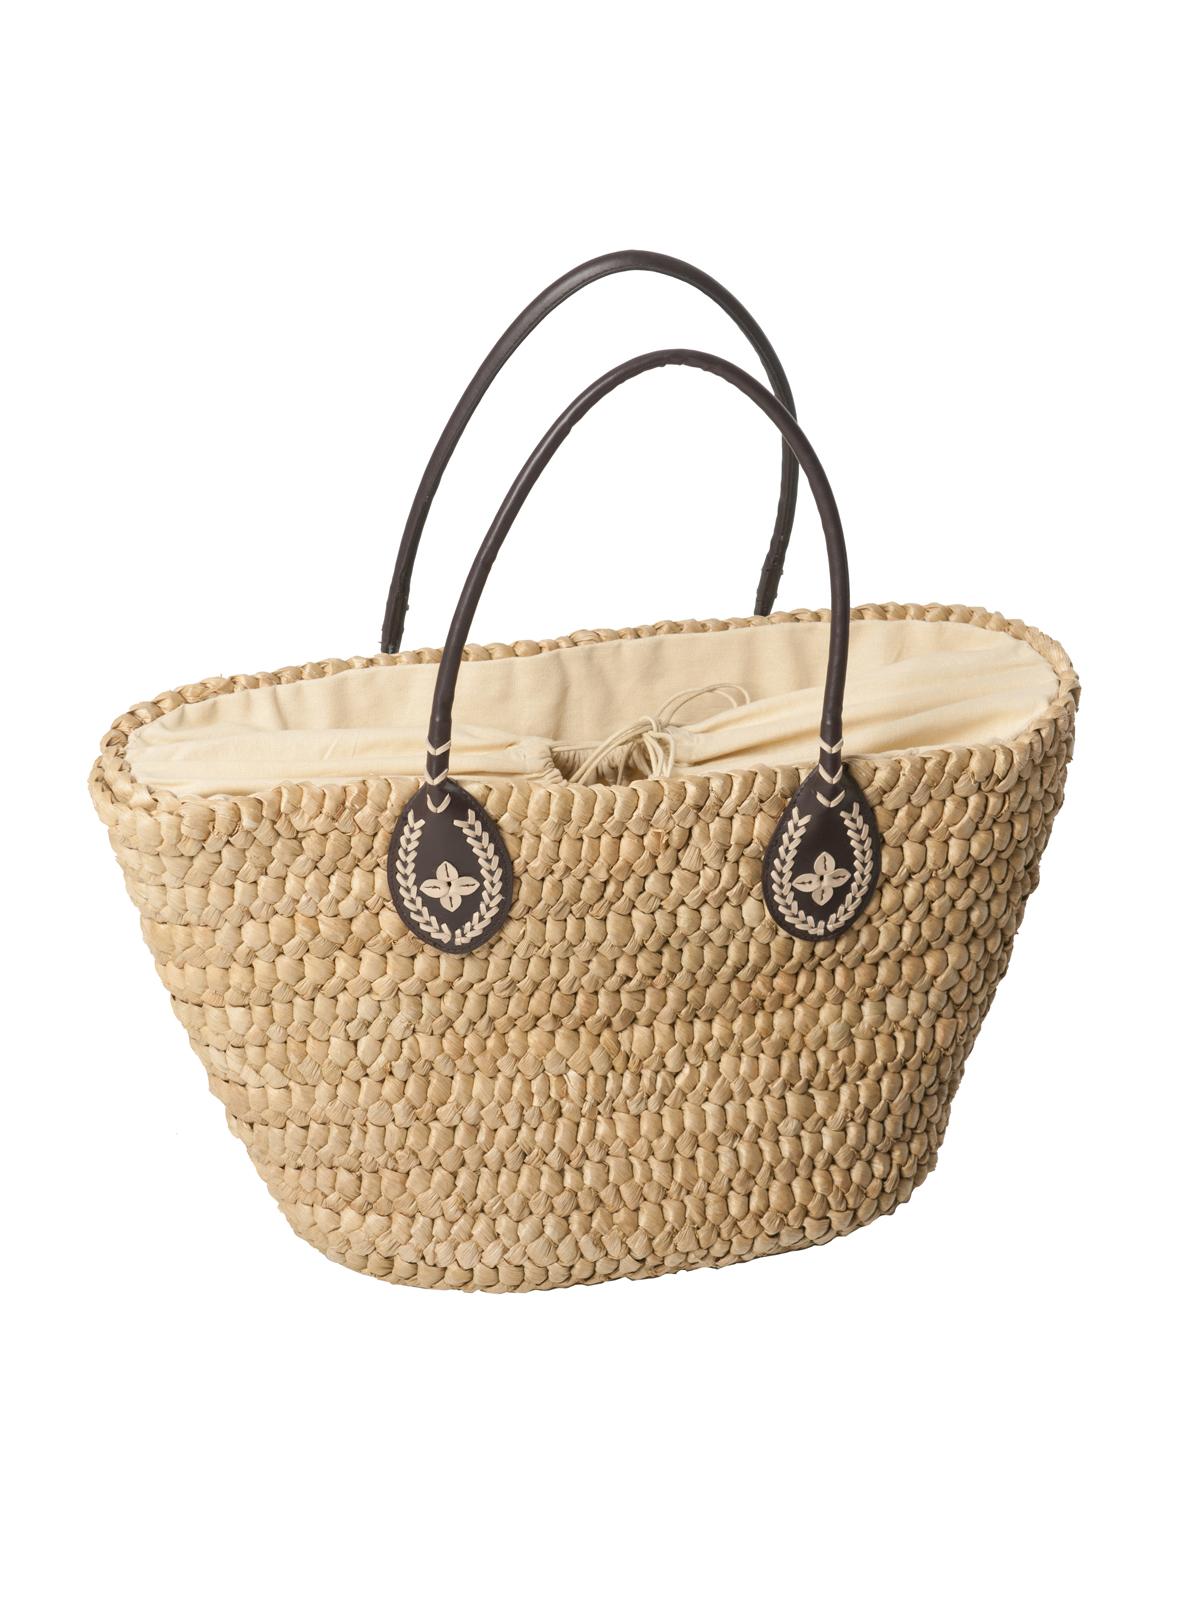 385e5d696828 Пляжная сумка-корзина из соломенной рогожи - Natural Straw Bag - Despi